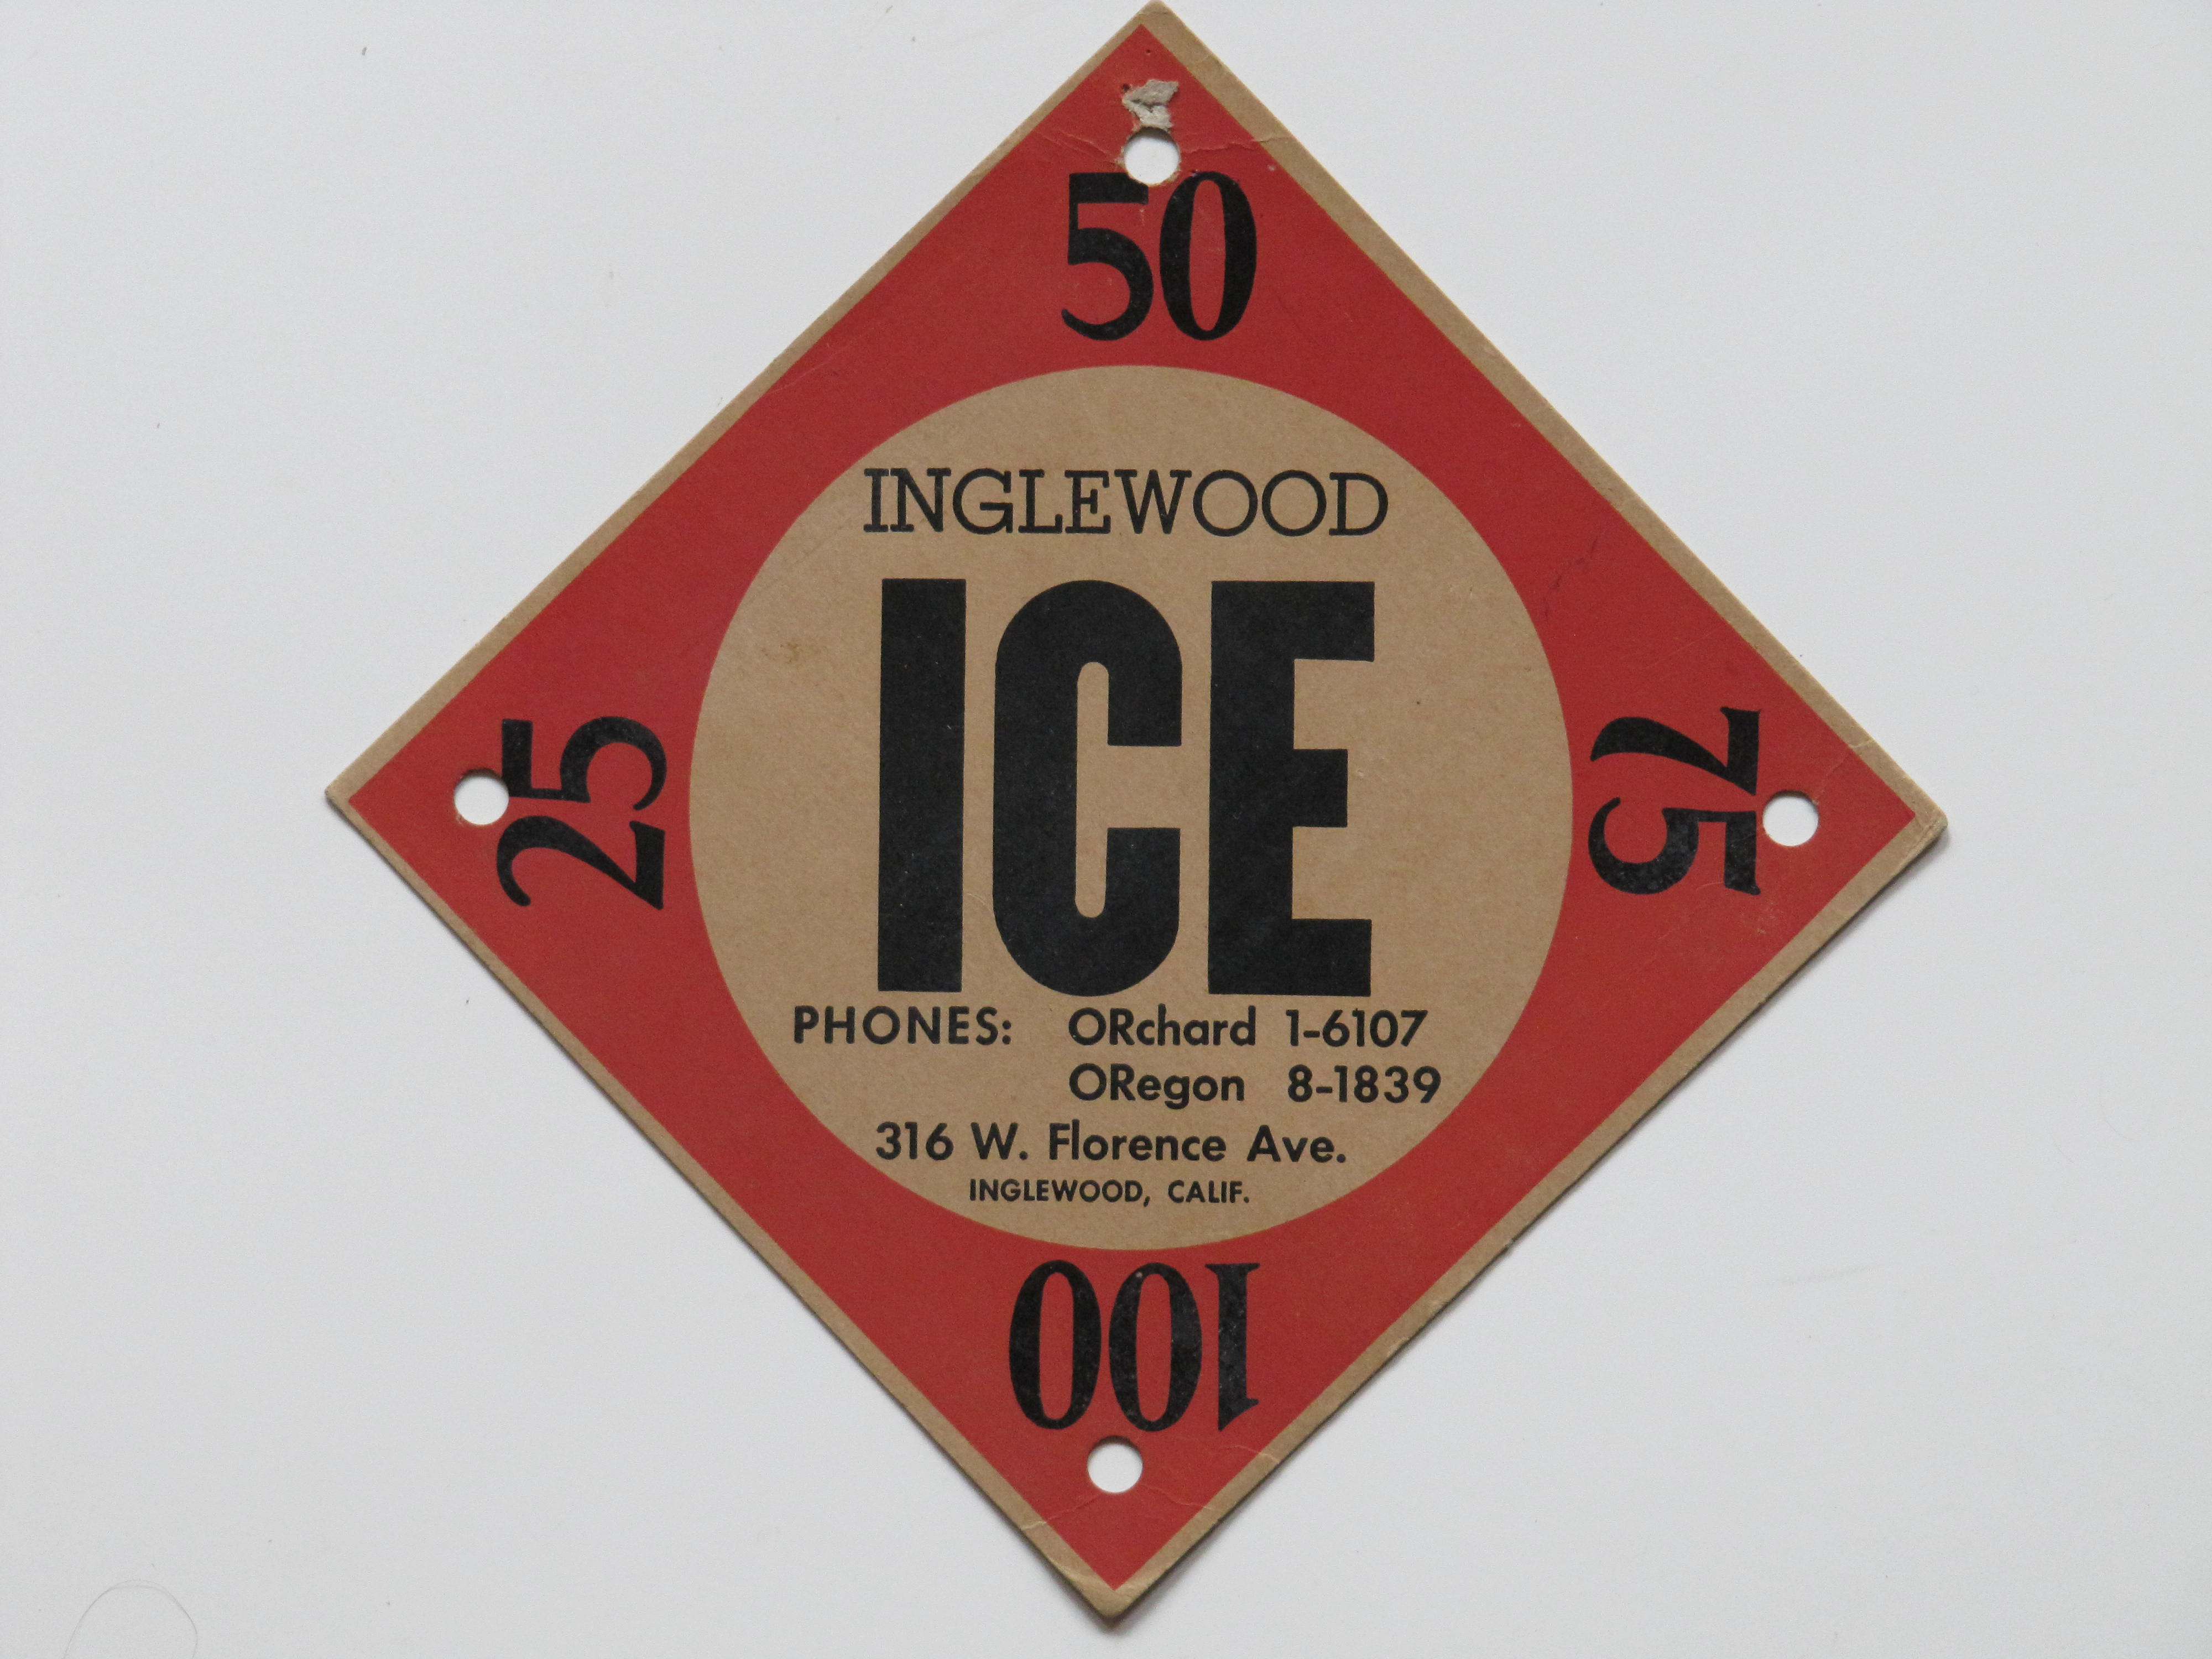 Inglewood Ice